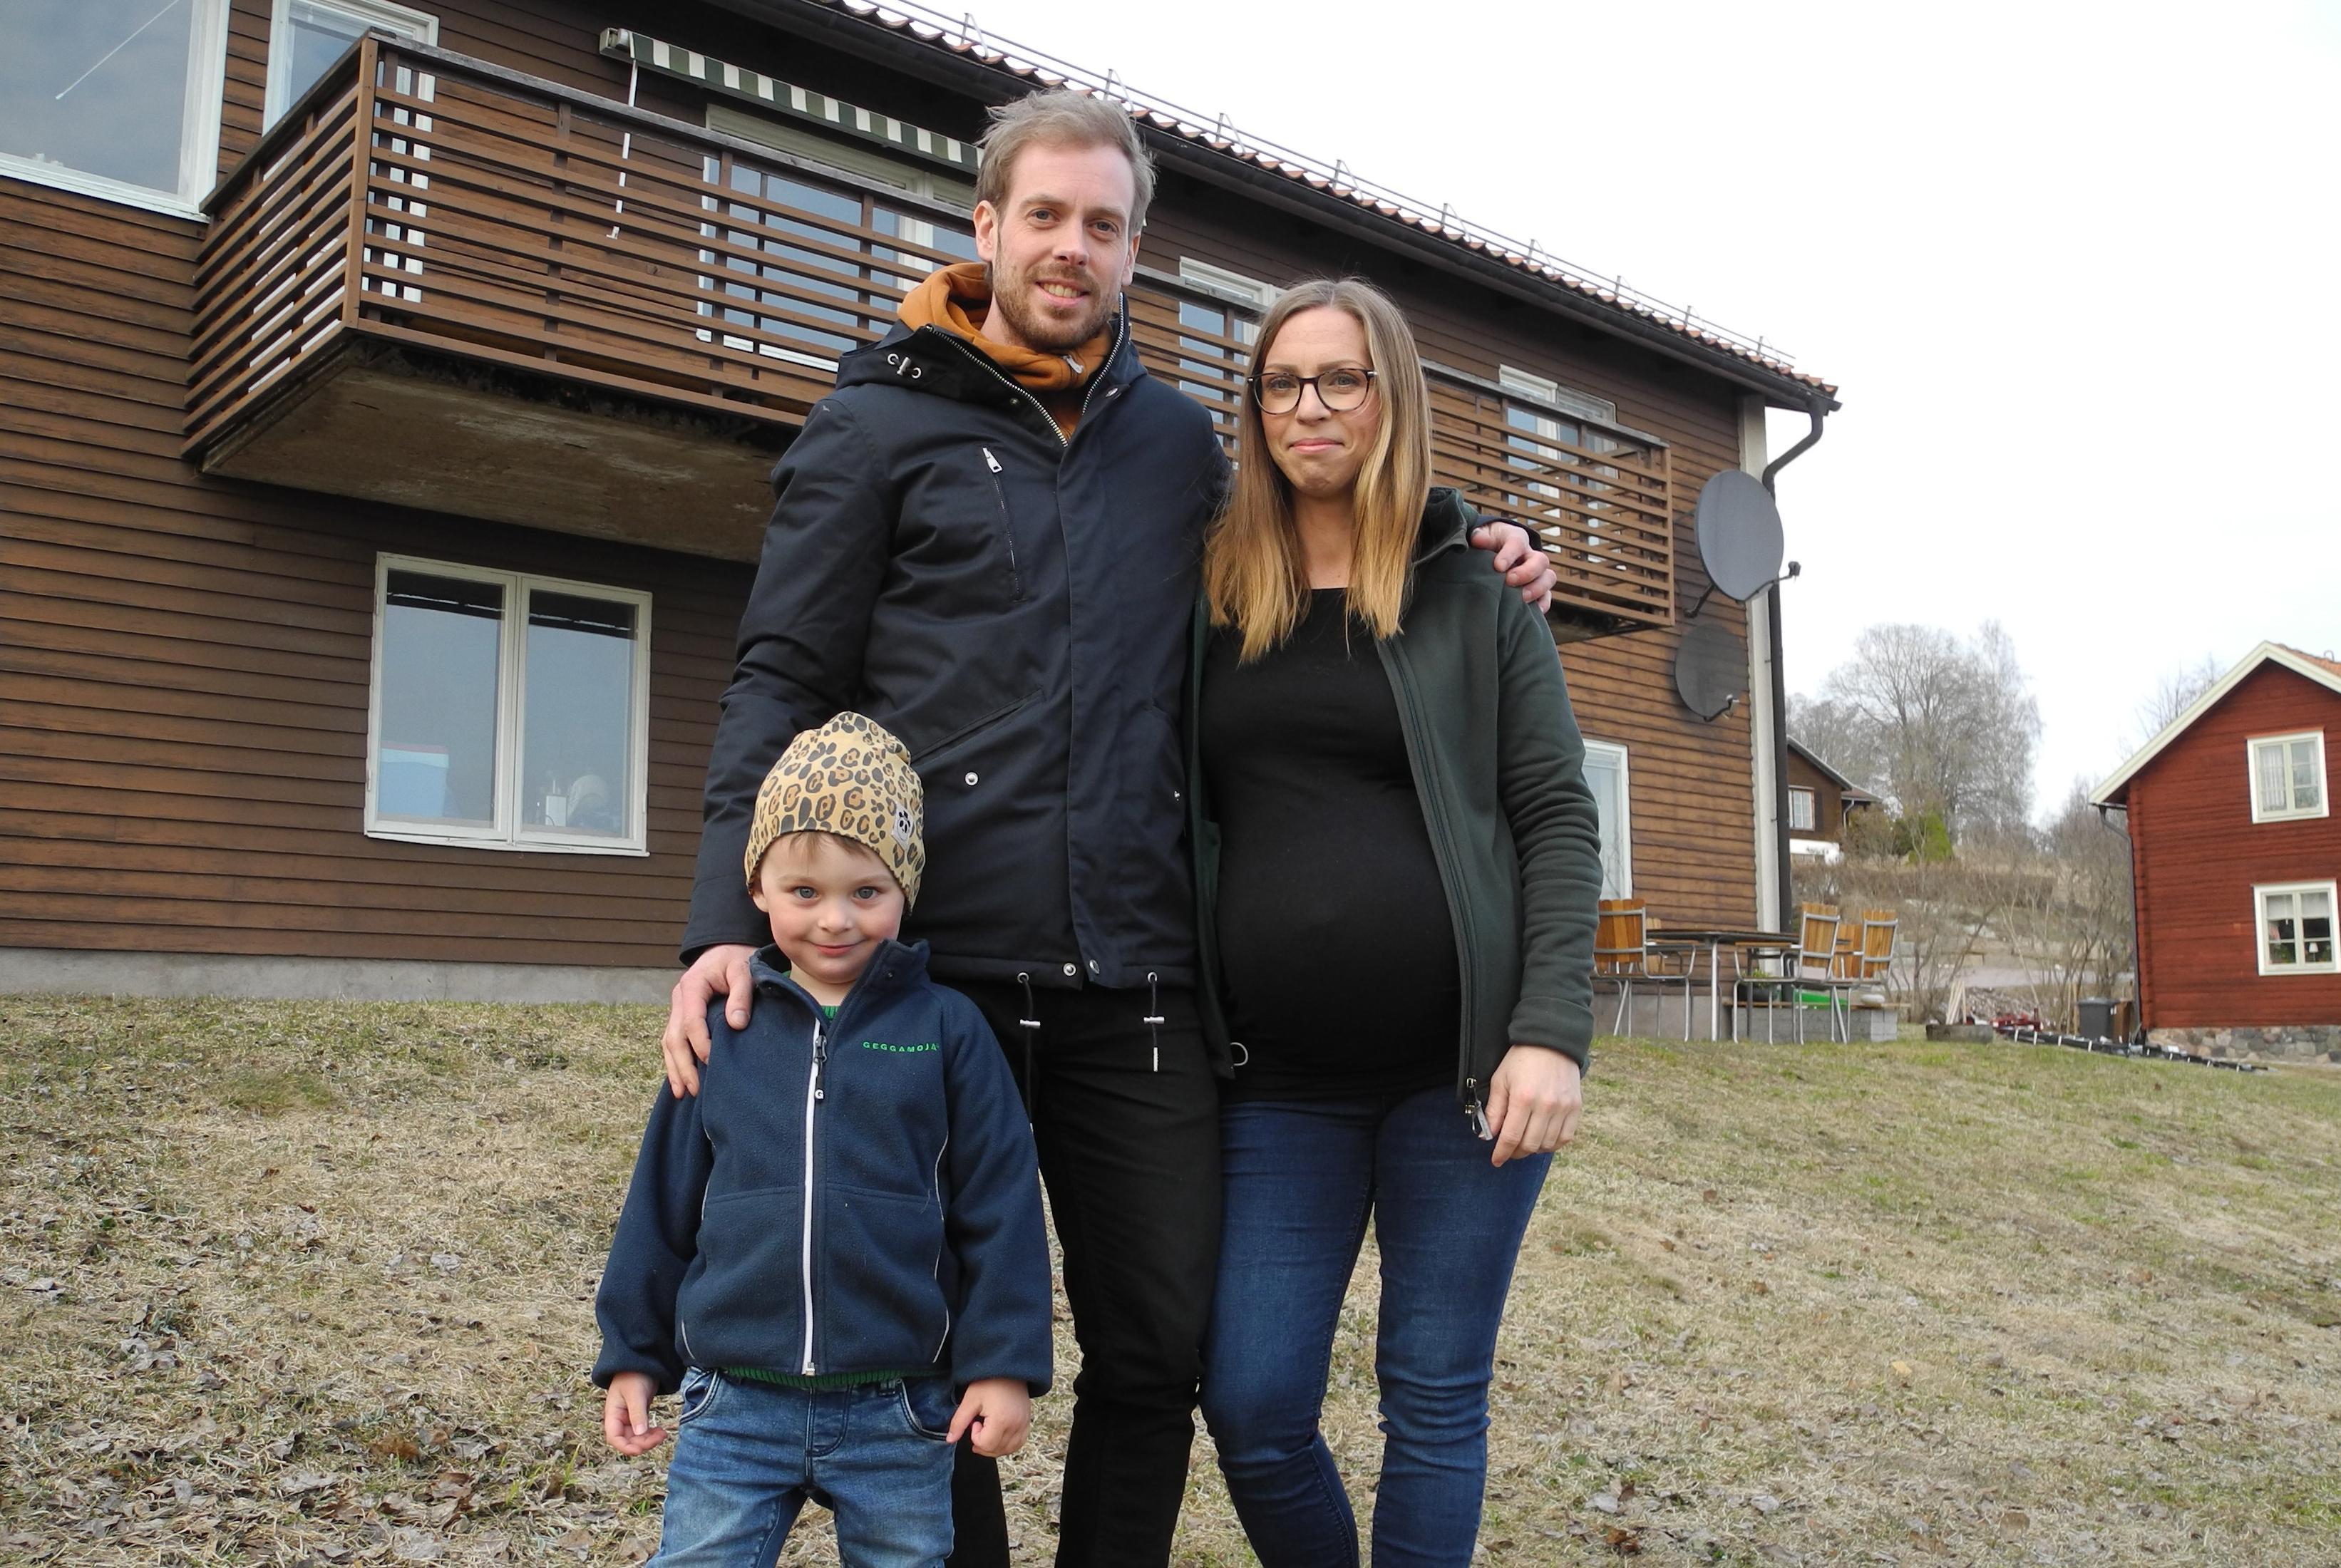 Det 200 kvadratmeter stora huset har genomgått en omfattande renovering. För två veckor sedan flyttade paret in.